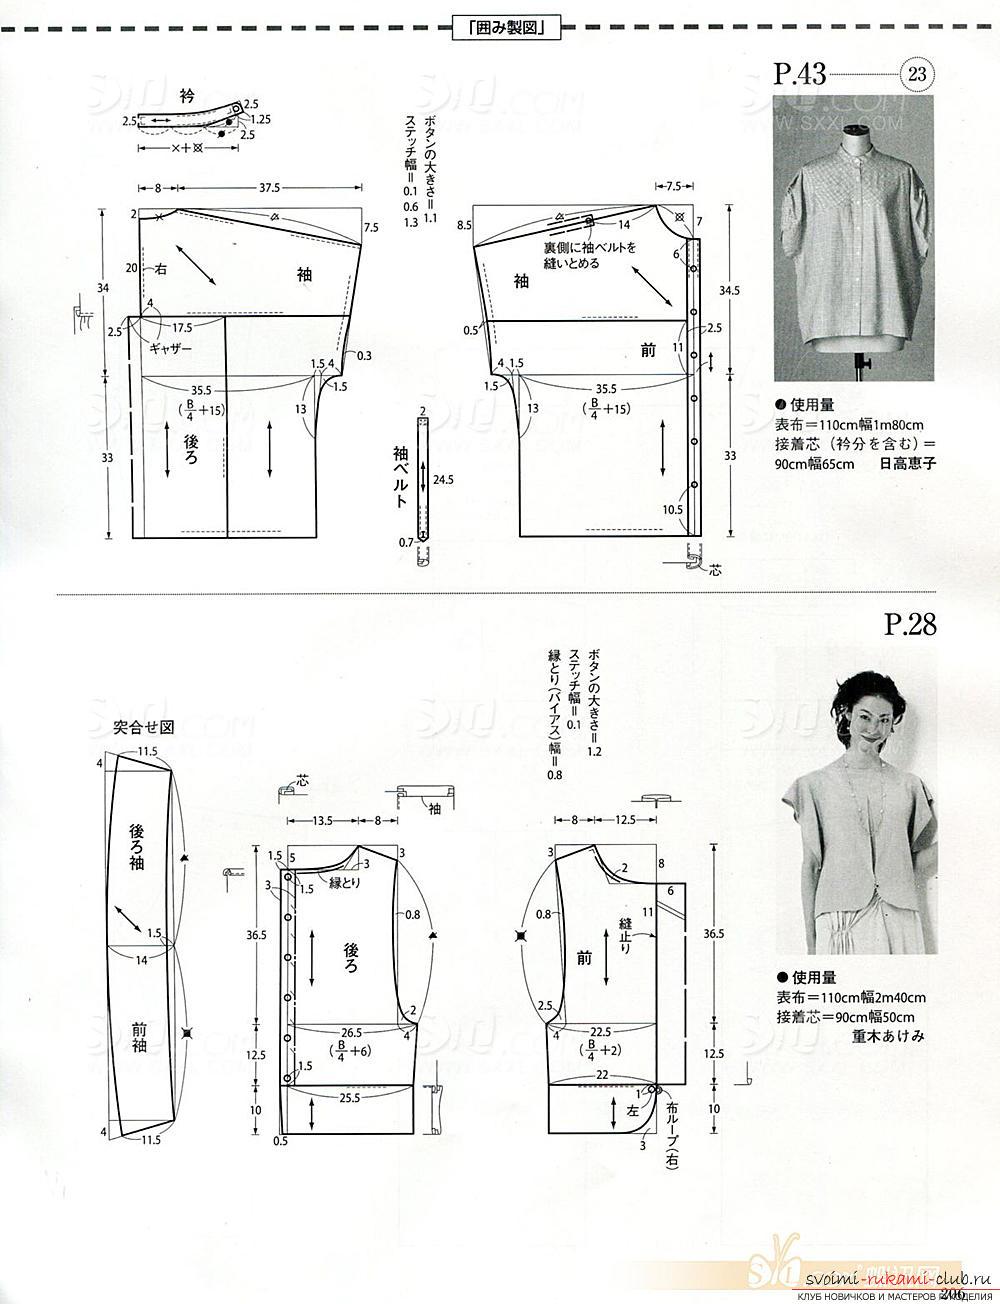 Фото выкроек женских моделей одежды. Фото №16